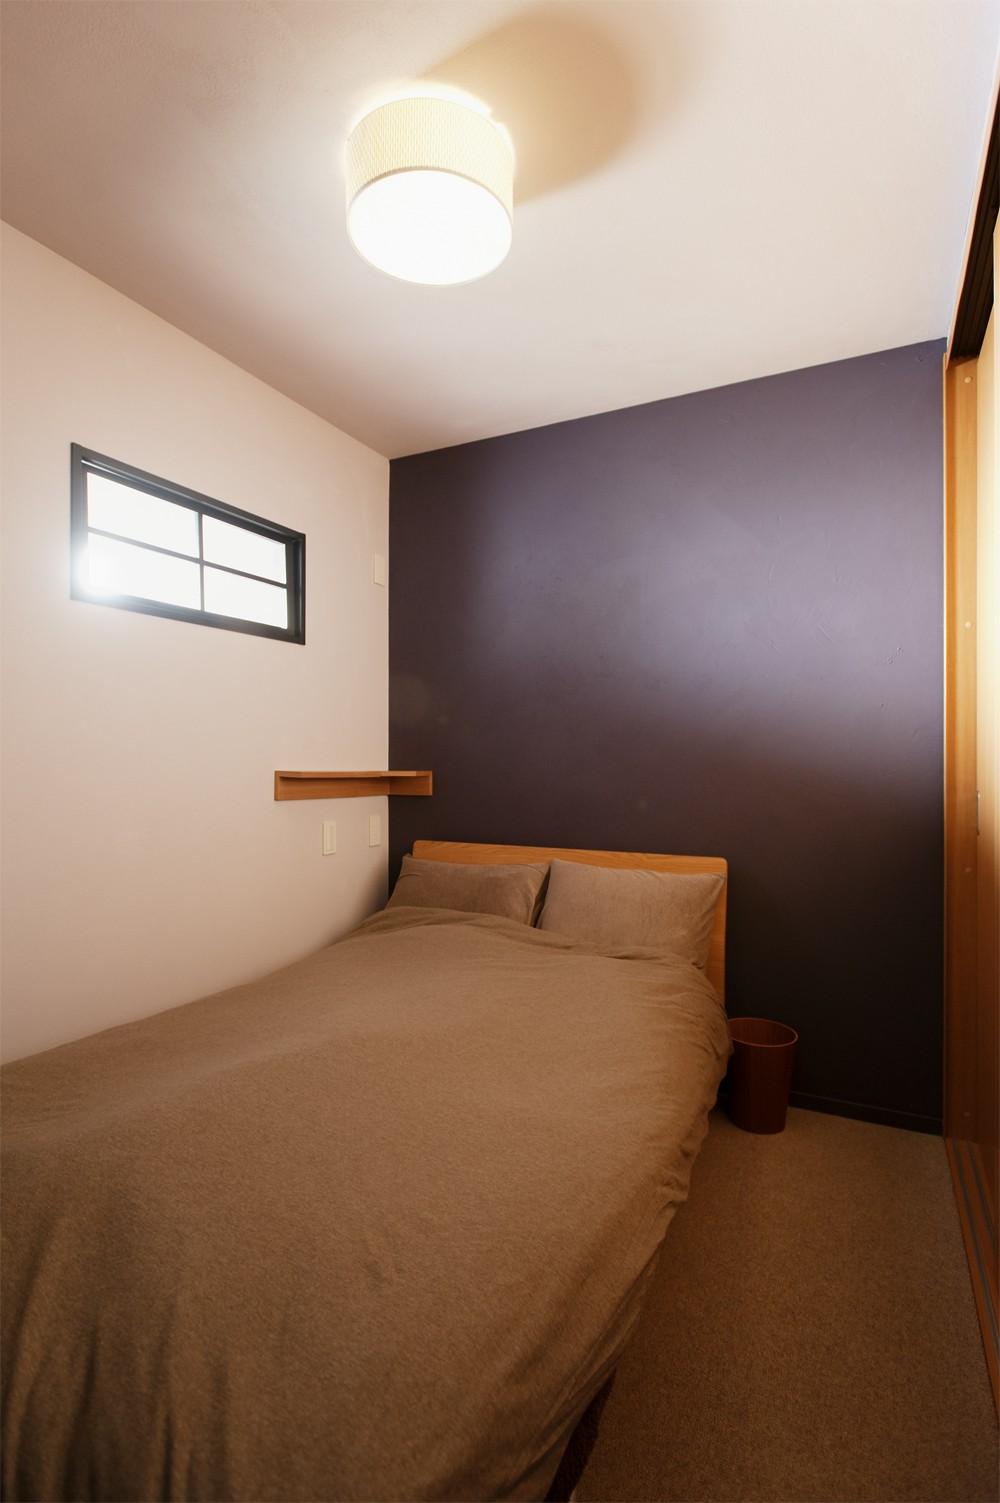 ベッドルーム事例:寝室(N様邸_2人で塗った壁のアクセントカラー)